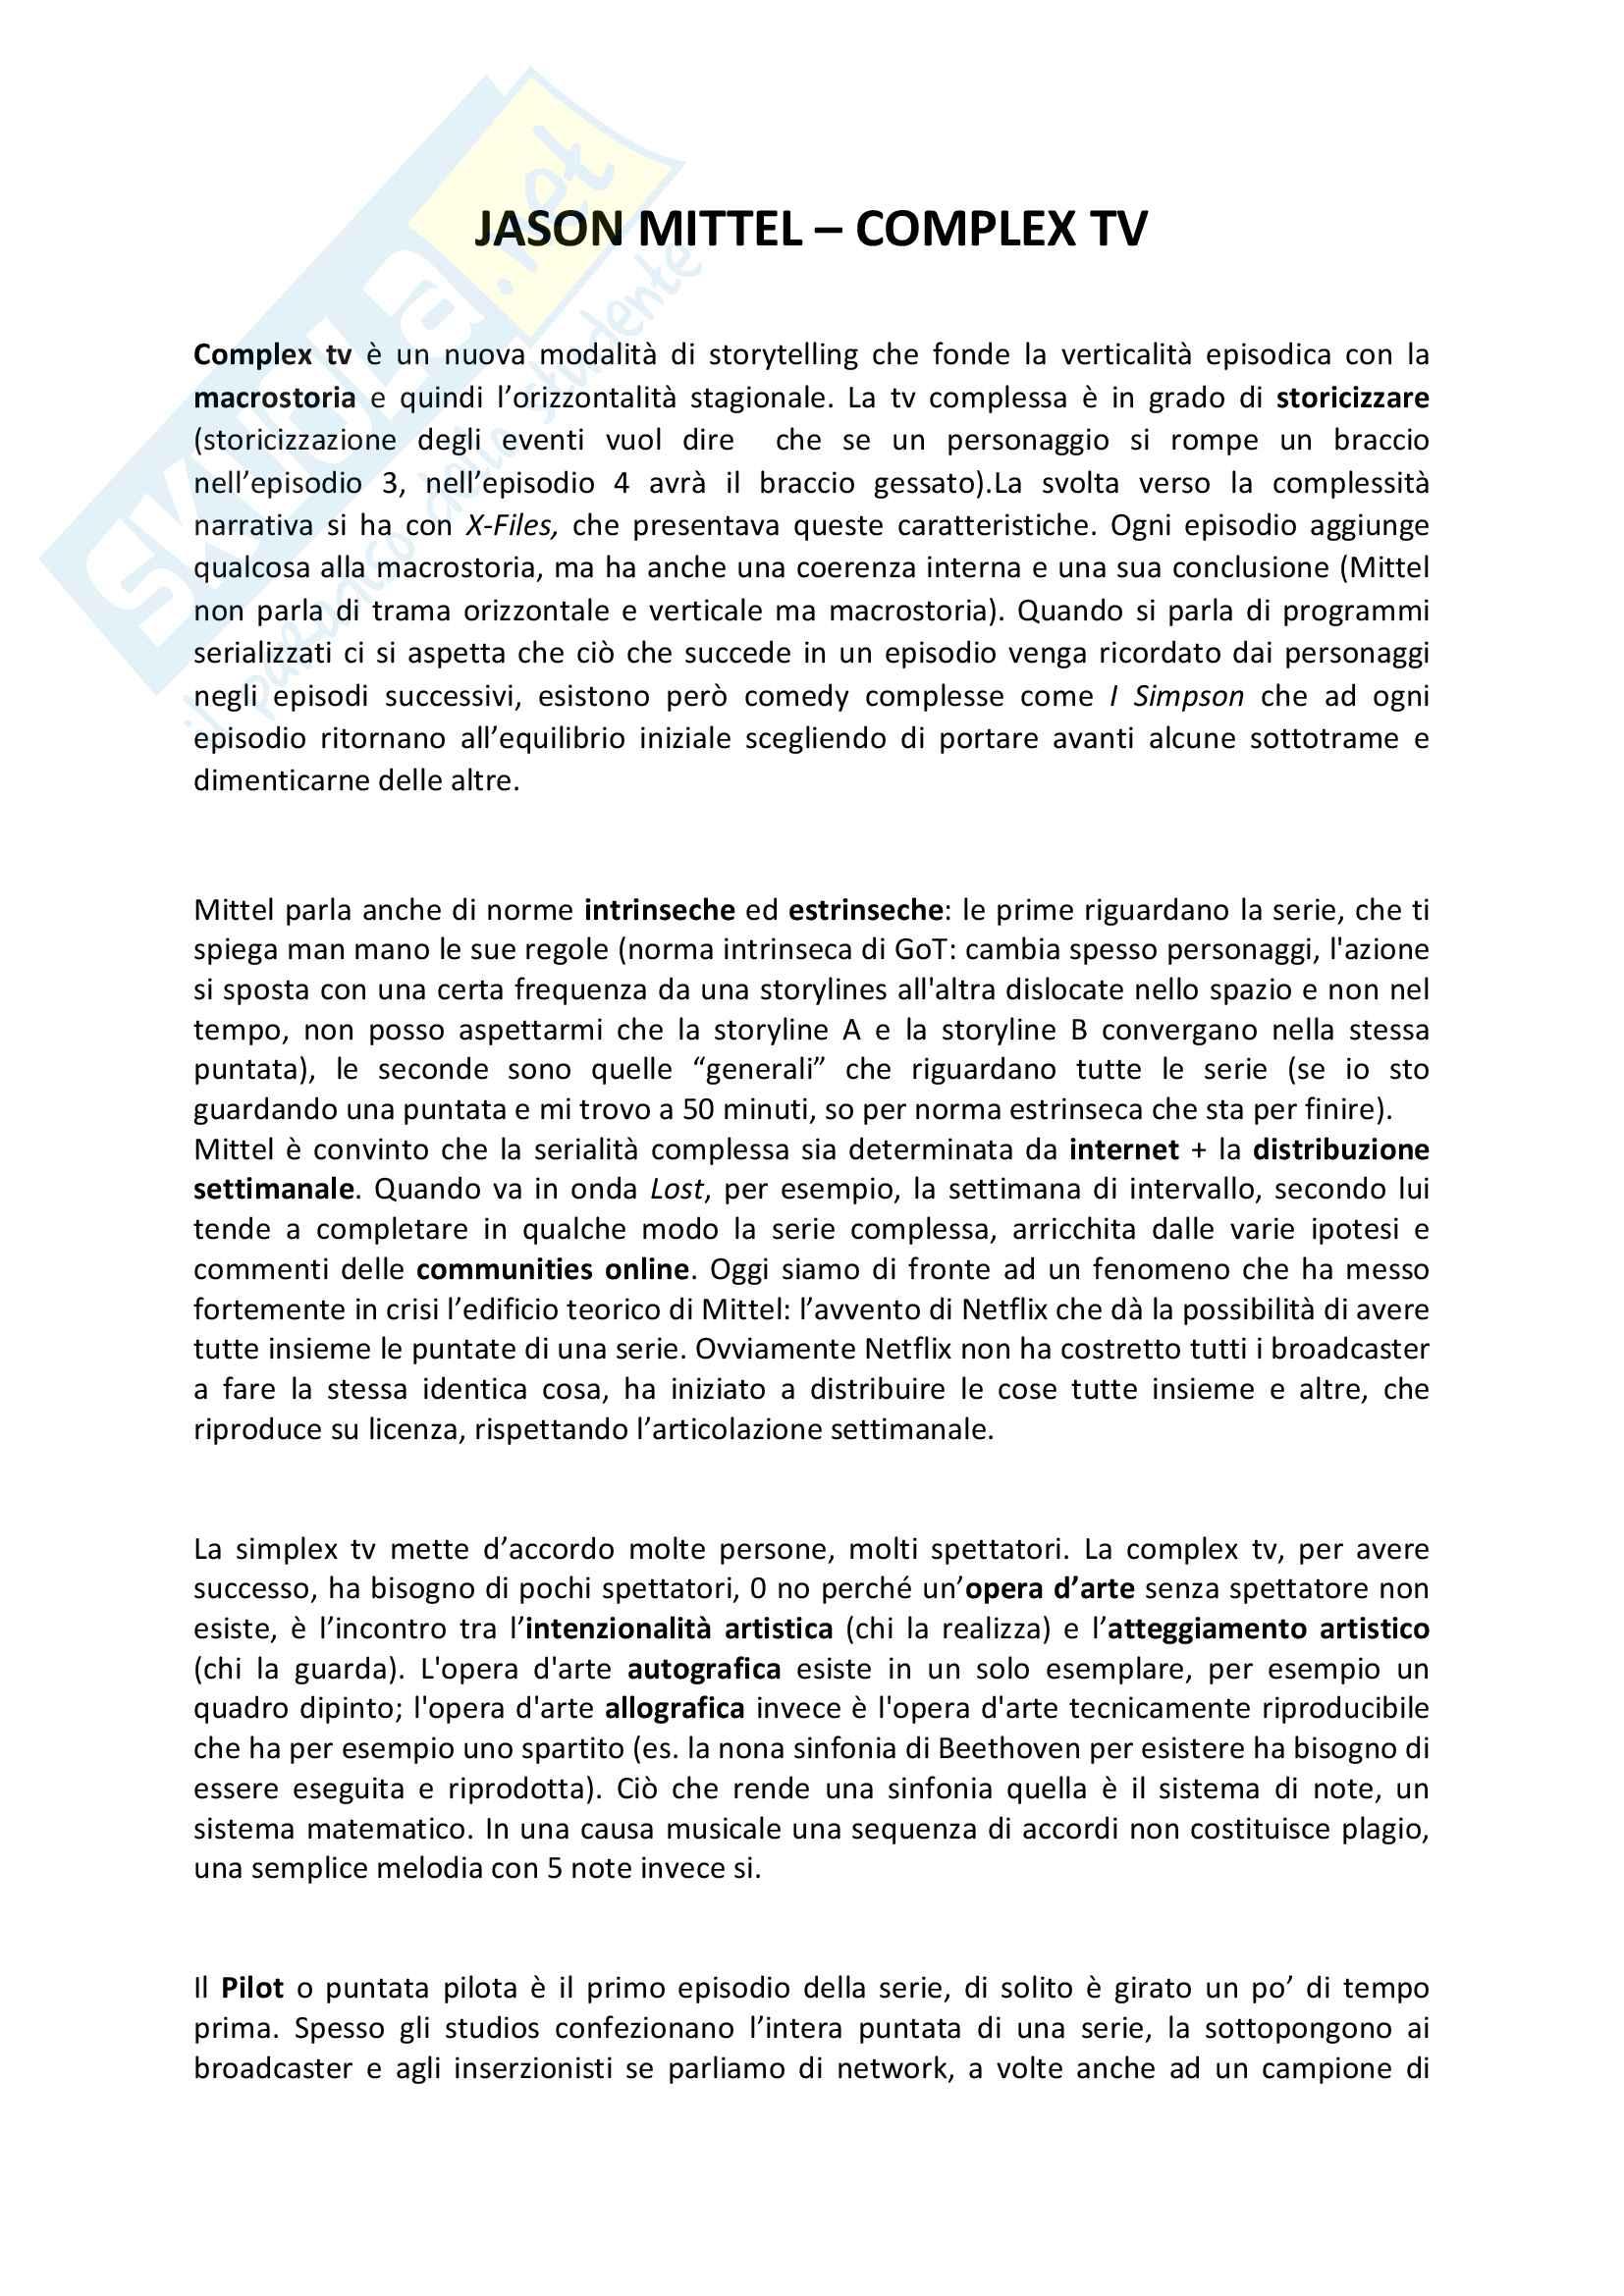 Riassunto esame Teorie e tecniche del linguaggio audiovisivo, prof. Bandirali, libro consigliato Complex tv, teoria e tecnica dello storytelling, Mittel